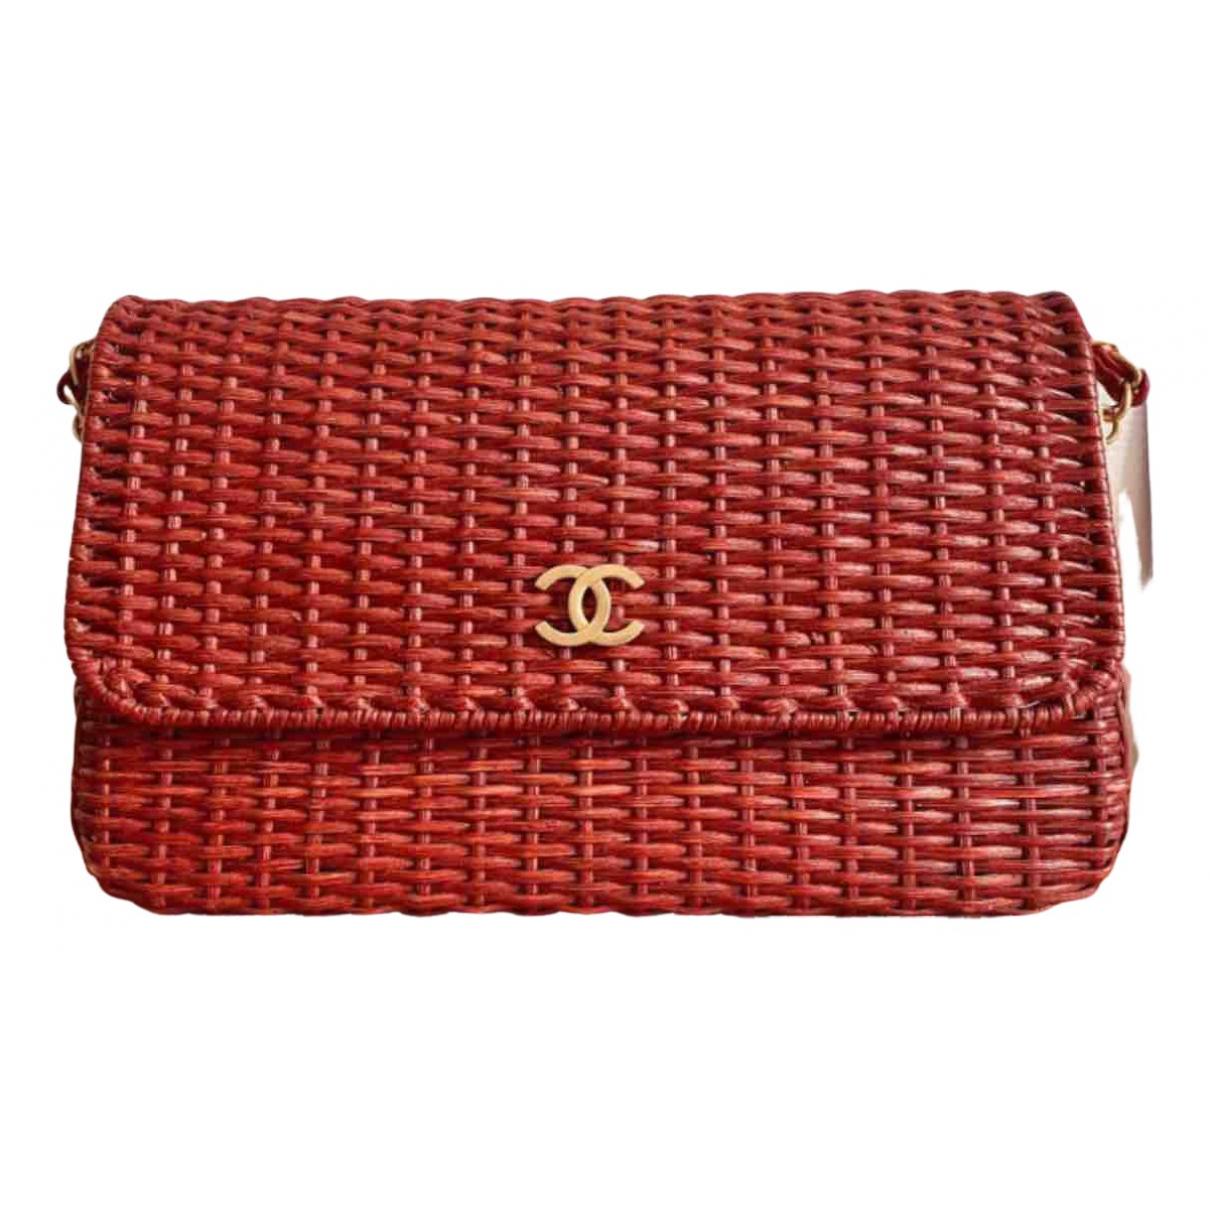 Chanel N Red Wicker handbag for Women N